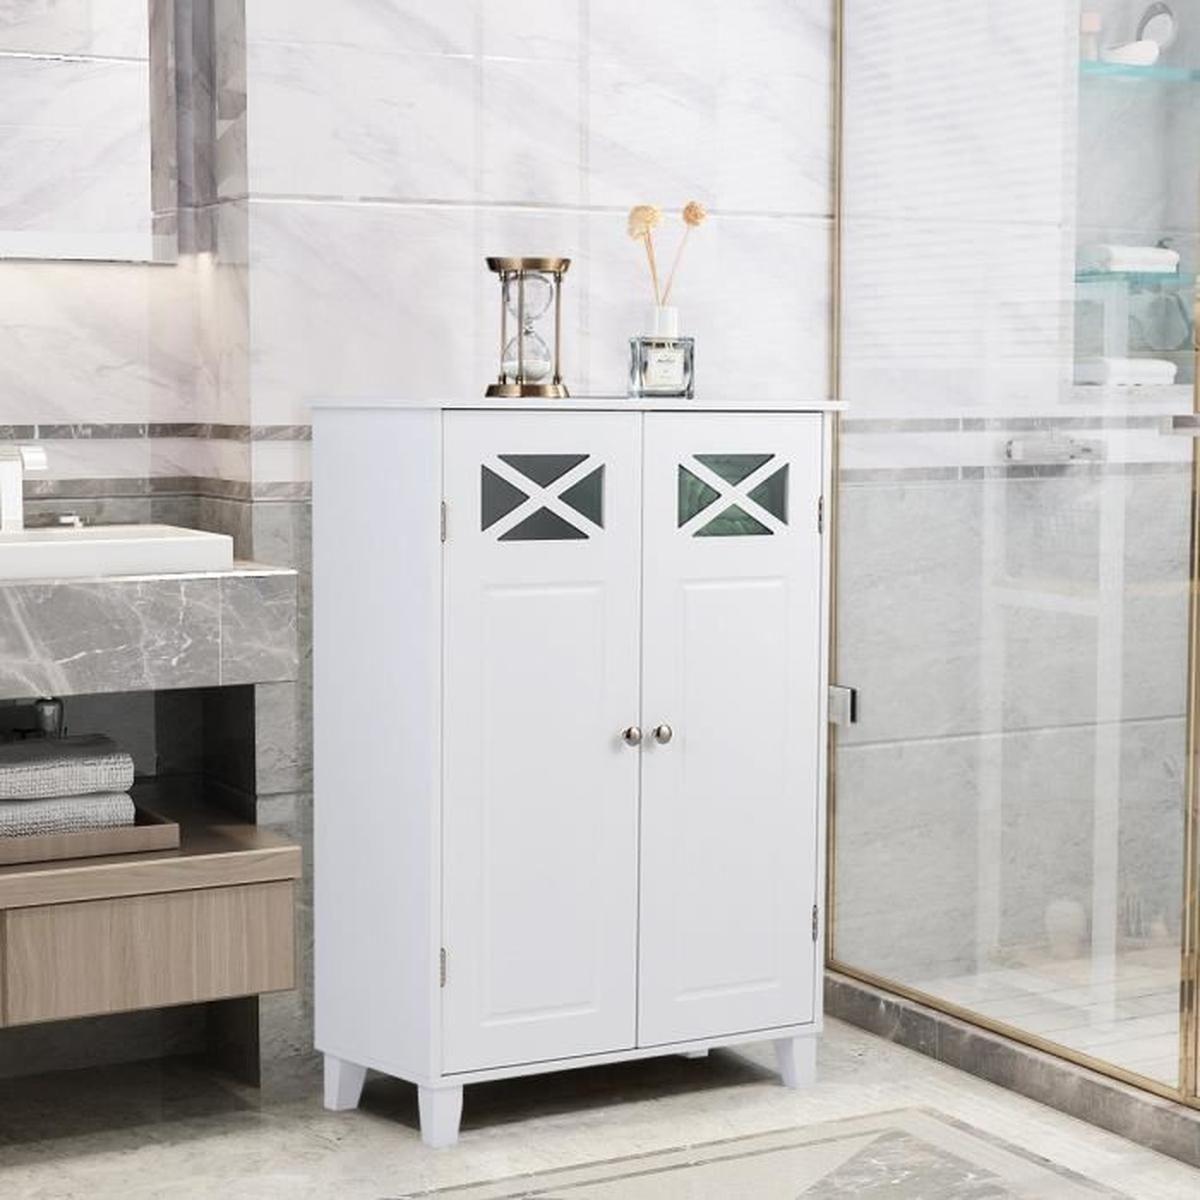 Meuble De Rangement Bas Blanc Salle De Bain Avec Meuble Salle De Bain Pas Cher Belgique Agencecormierdelauniere Com